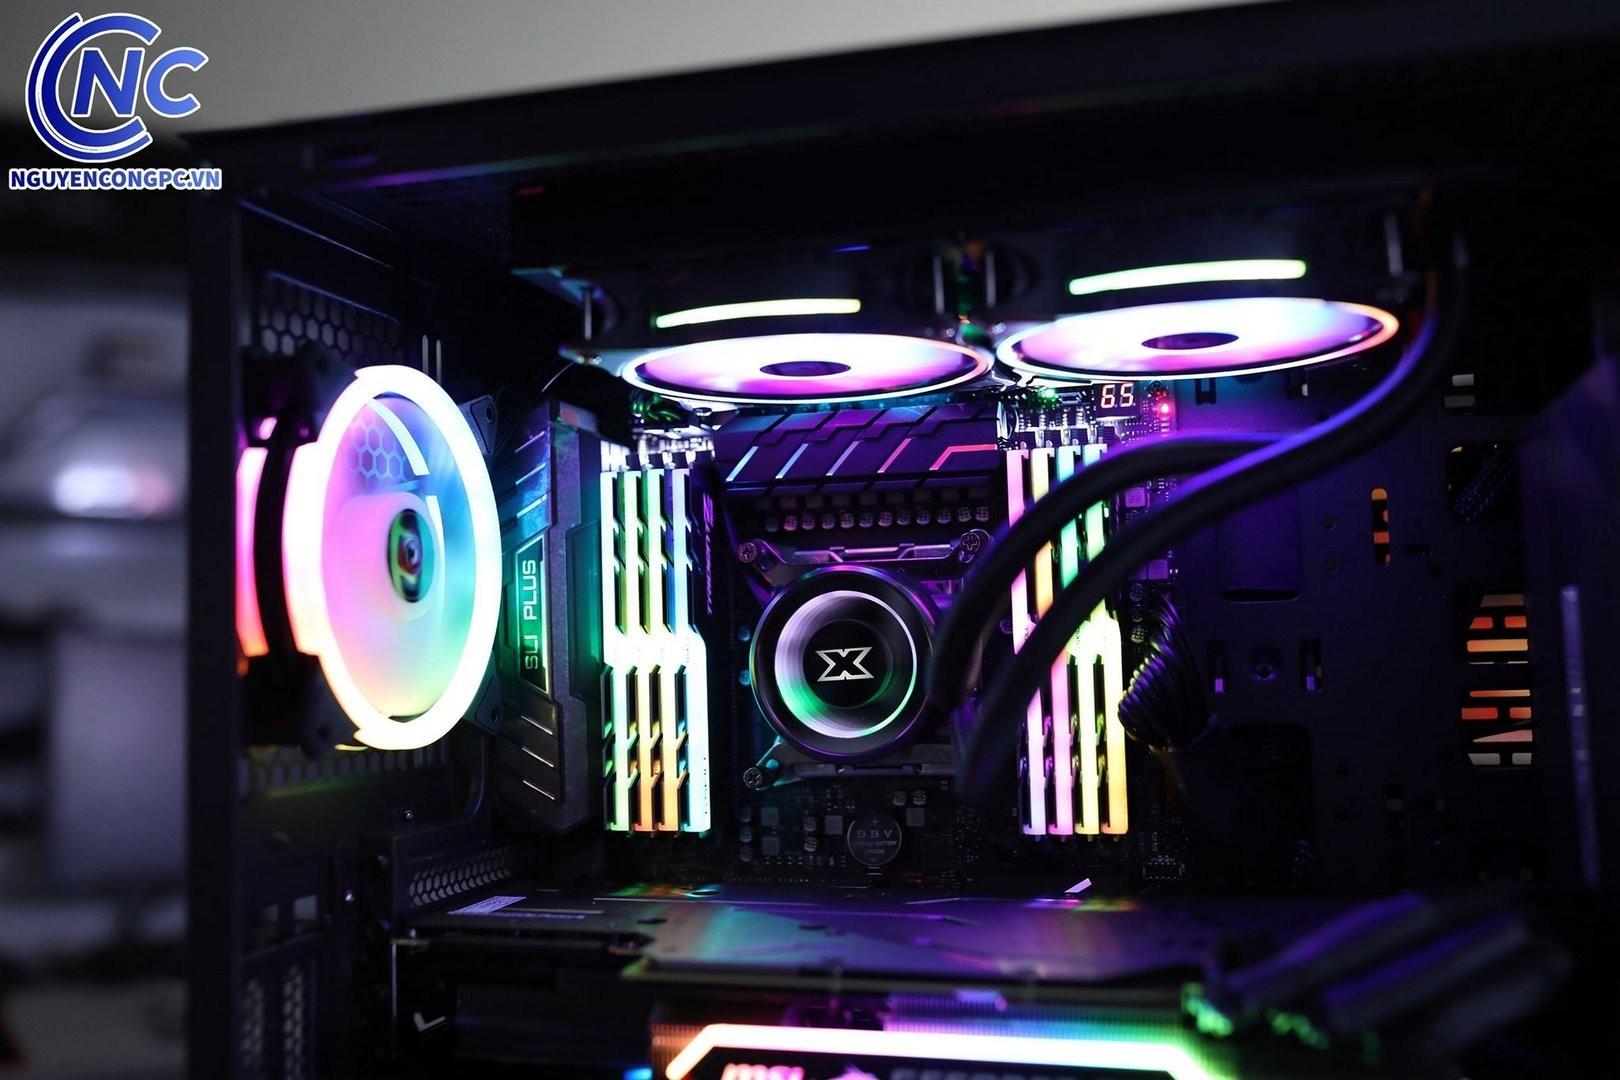 Bộ PC Ai (Deep Learning) i9 10900x tan